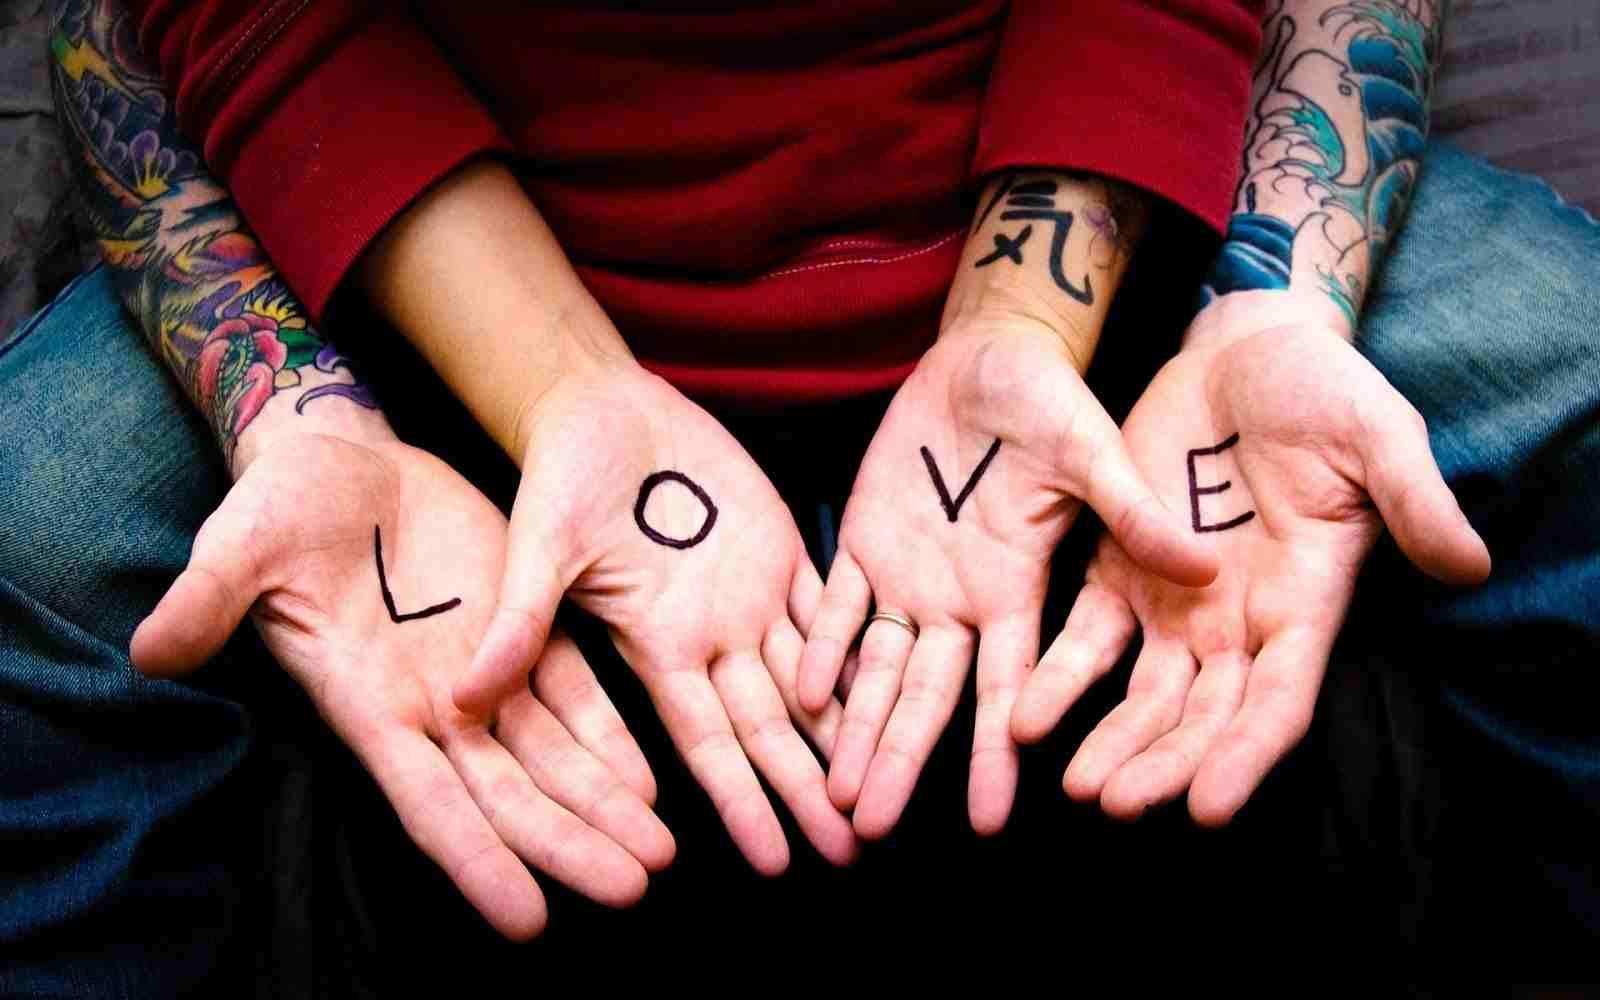 صورة كيف تجعل شخص يحبك وهو بعيد عنك , كيفية جعل شخص يعشقكك